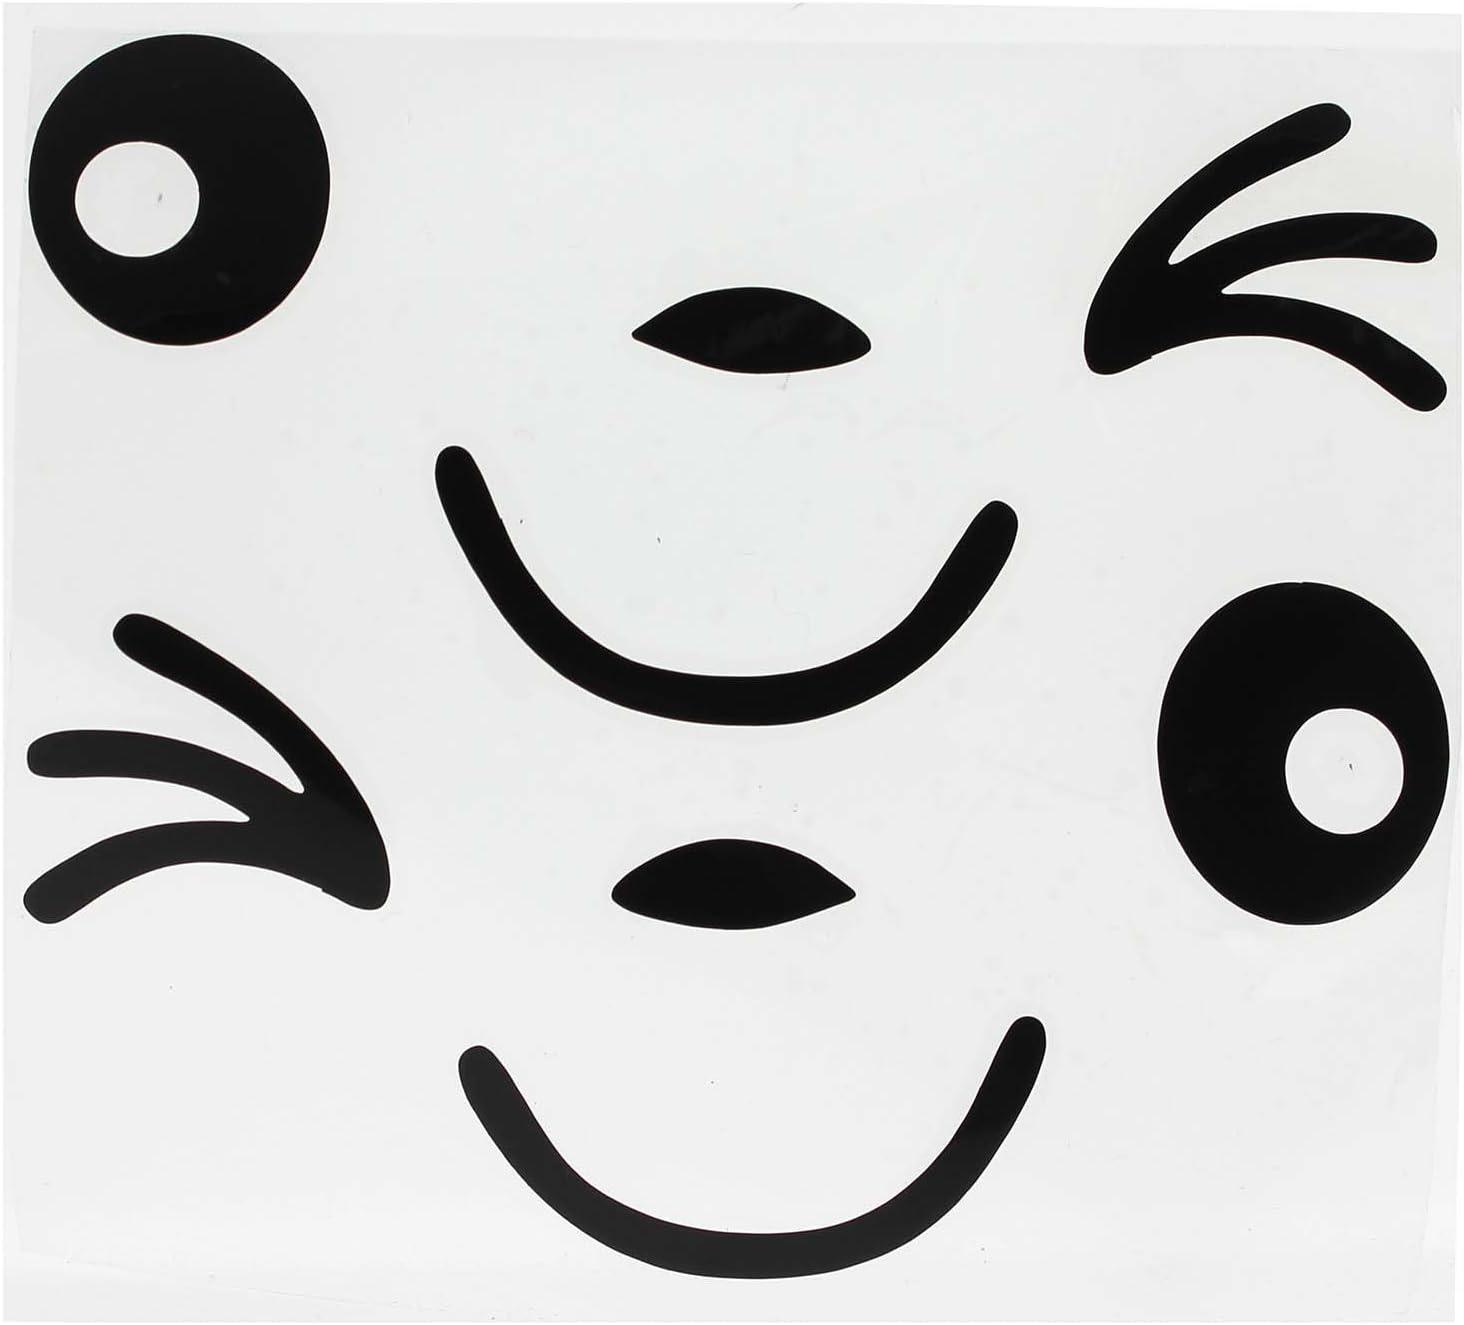 2 Stück Lächeln Gesicht Design 3d Aufkleber Dekoration Aufkleber Für Auto Seitenspiegel Autorearview Schwarz Küche Haushalt